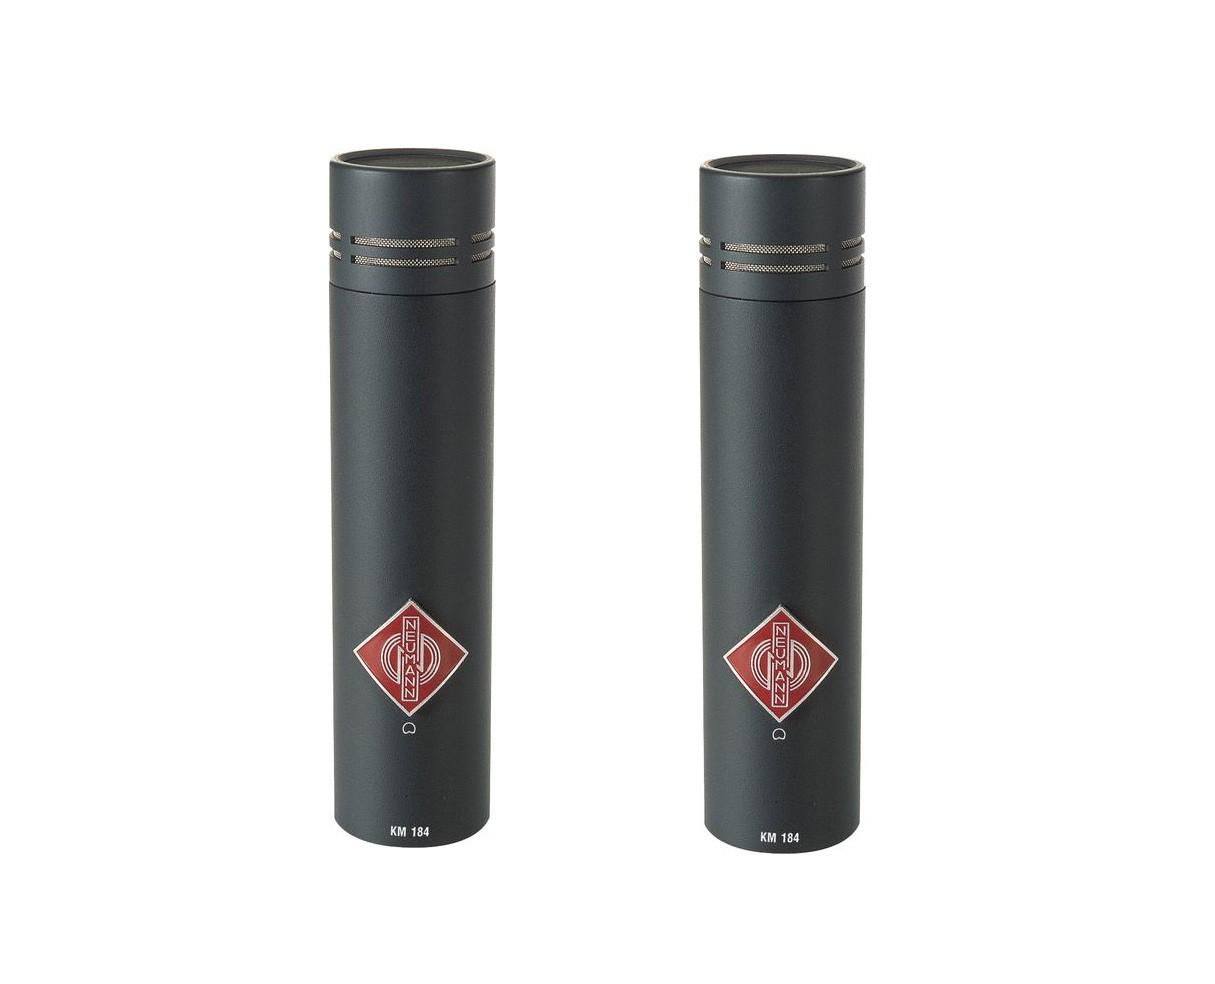 Neumann SKM184MT Stereo Microphone Pair (Black)